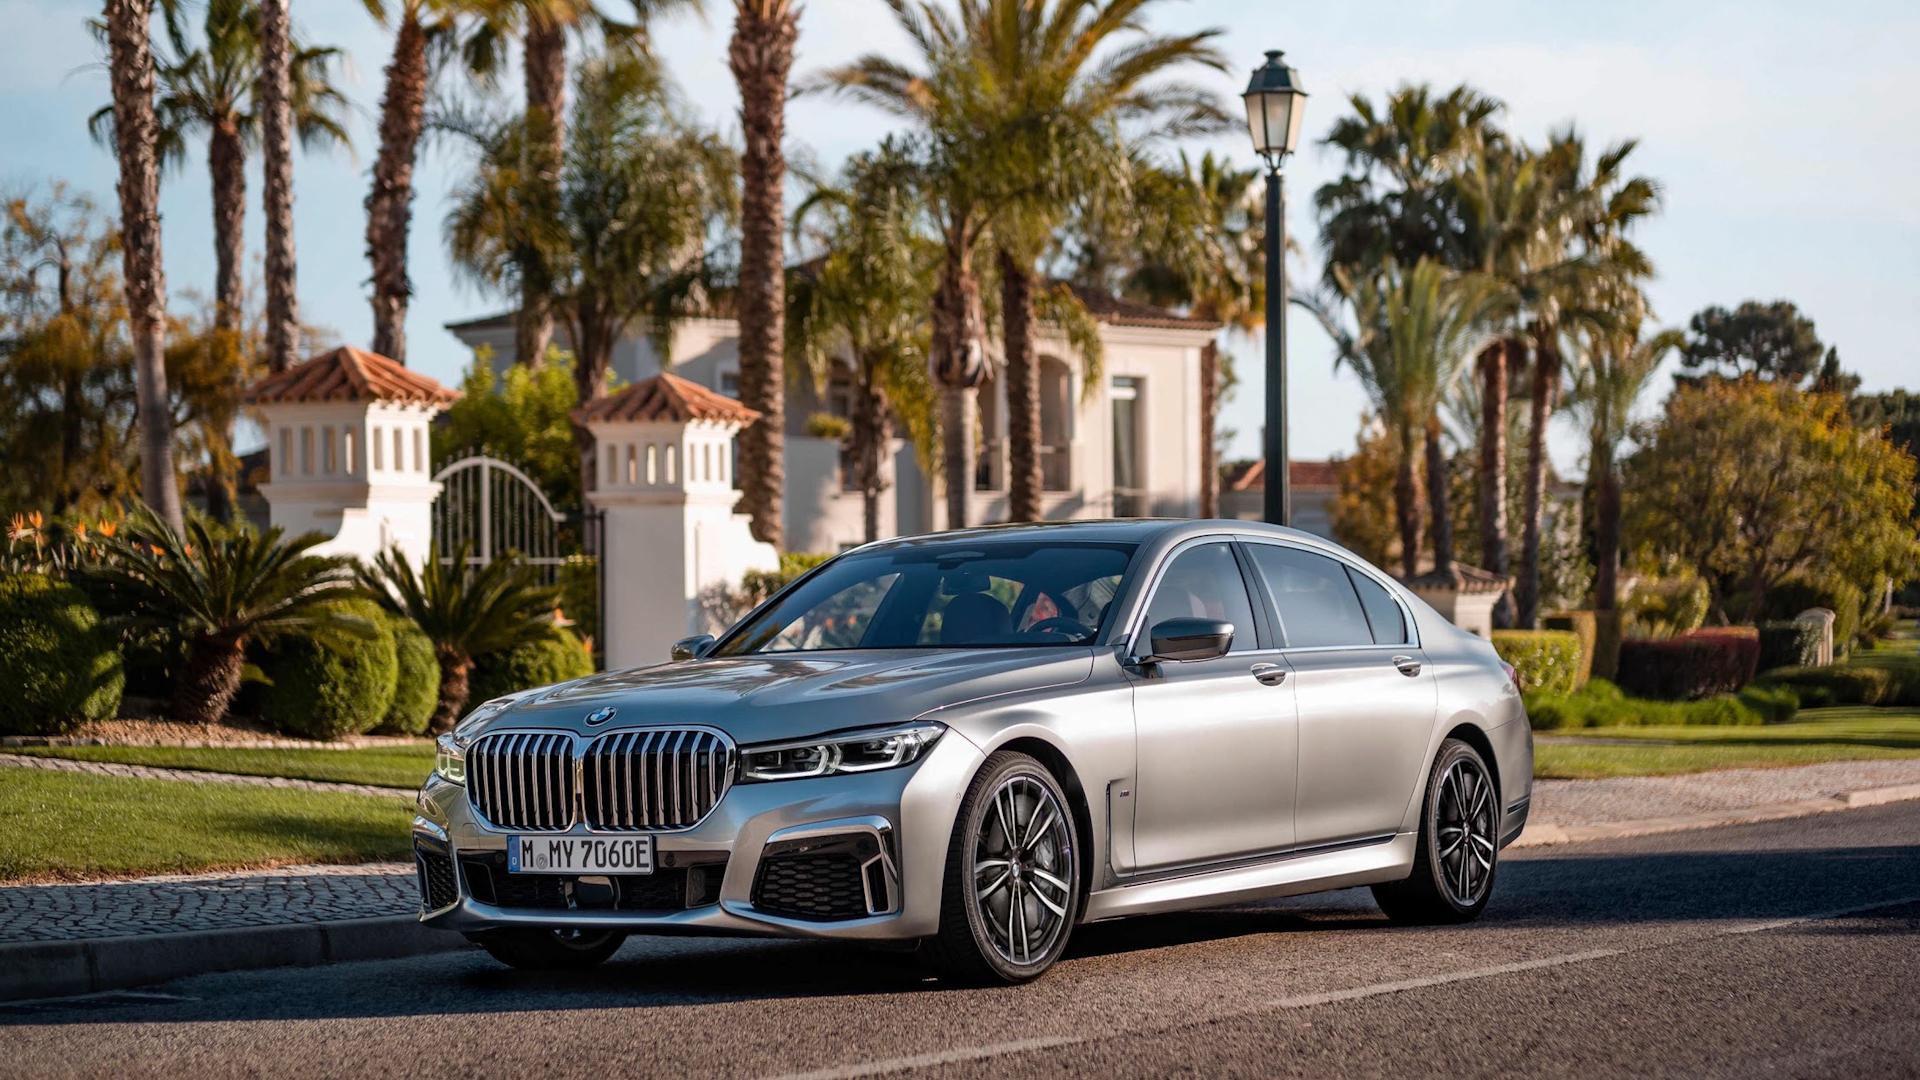 全新 BMW 7系列 Edition M 限量 30 台,雙車型 428 萬元起